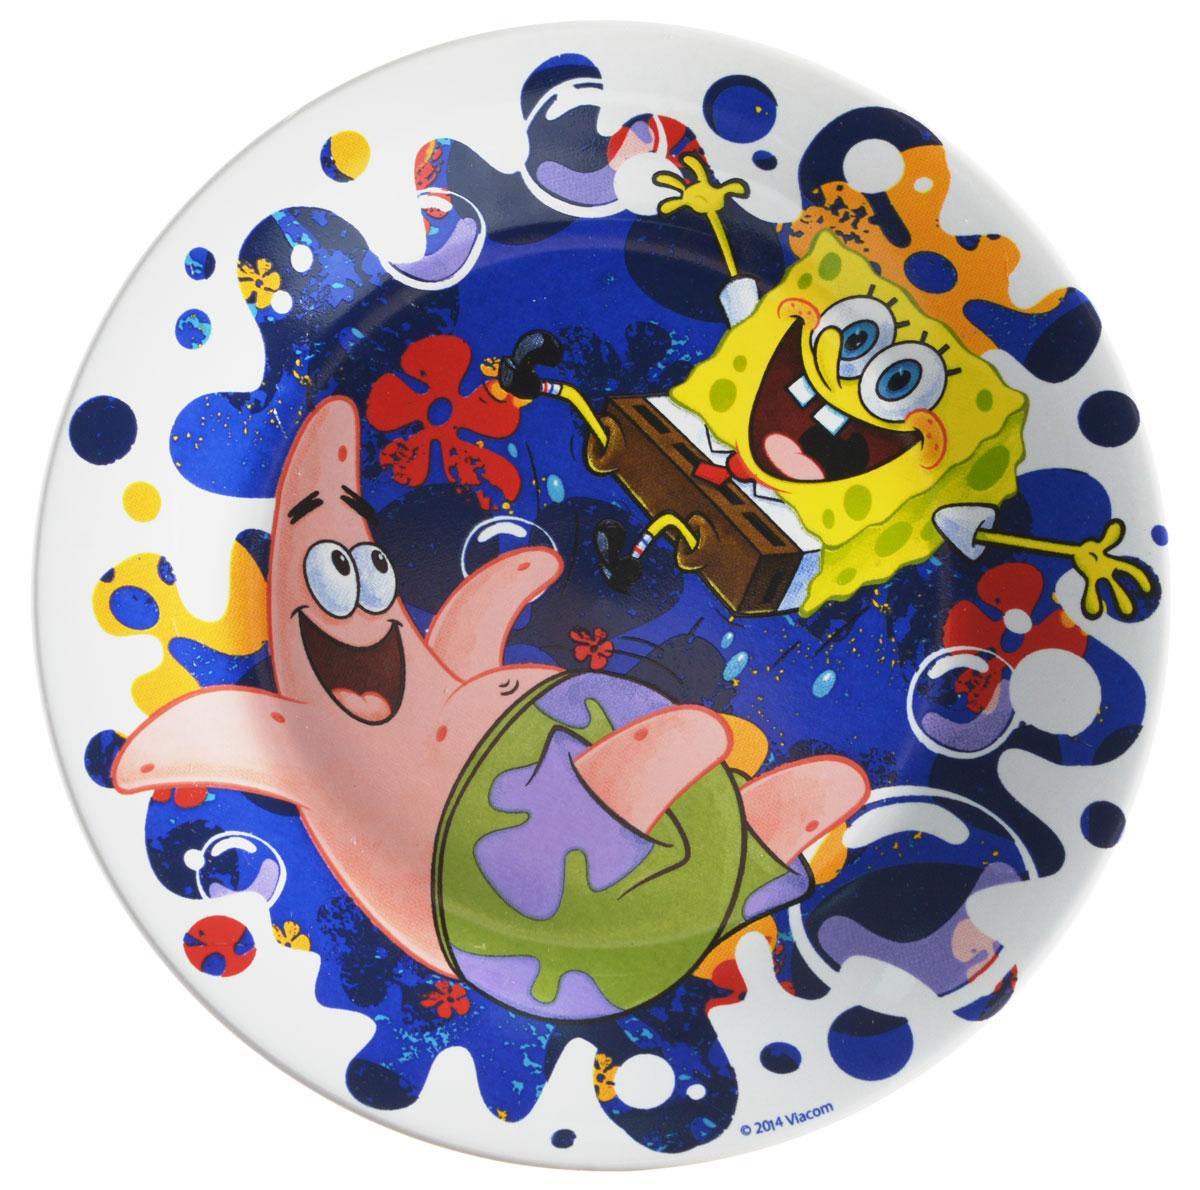 Губка Боб Тарелка детская Океан счастья диаметр 19 смVT-1520(SR)Яркая тарелка Губка Боб Океан счастья идеально подойдет для кормления малыша и самостоятельного приема им пищи. Тарелка выполнена из керамики и оформлена высококачественным изображением героев мультфильма Губка Боб.Такой подарок станет не только приятным, но и практичным сувениром, добавит ярких эмоций вашему ребенку! Можно использовать в СВЧ-печи и посудомоечной машине.